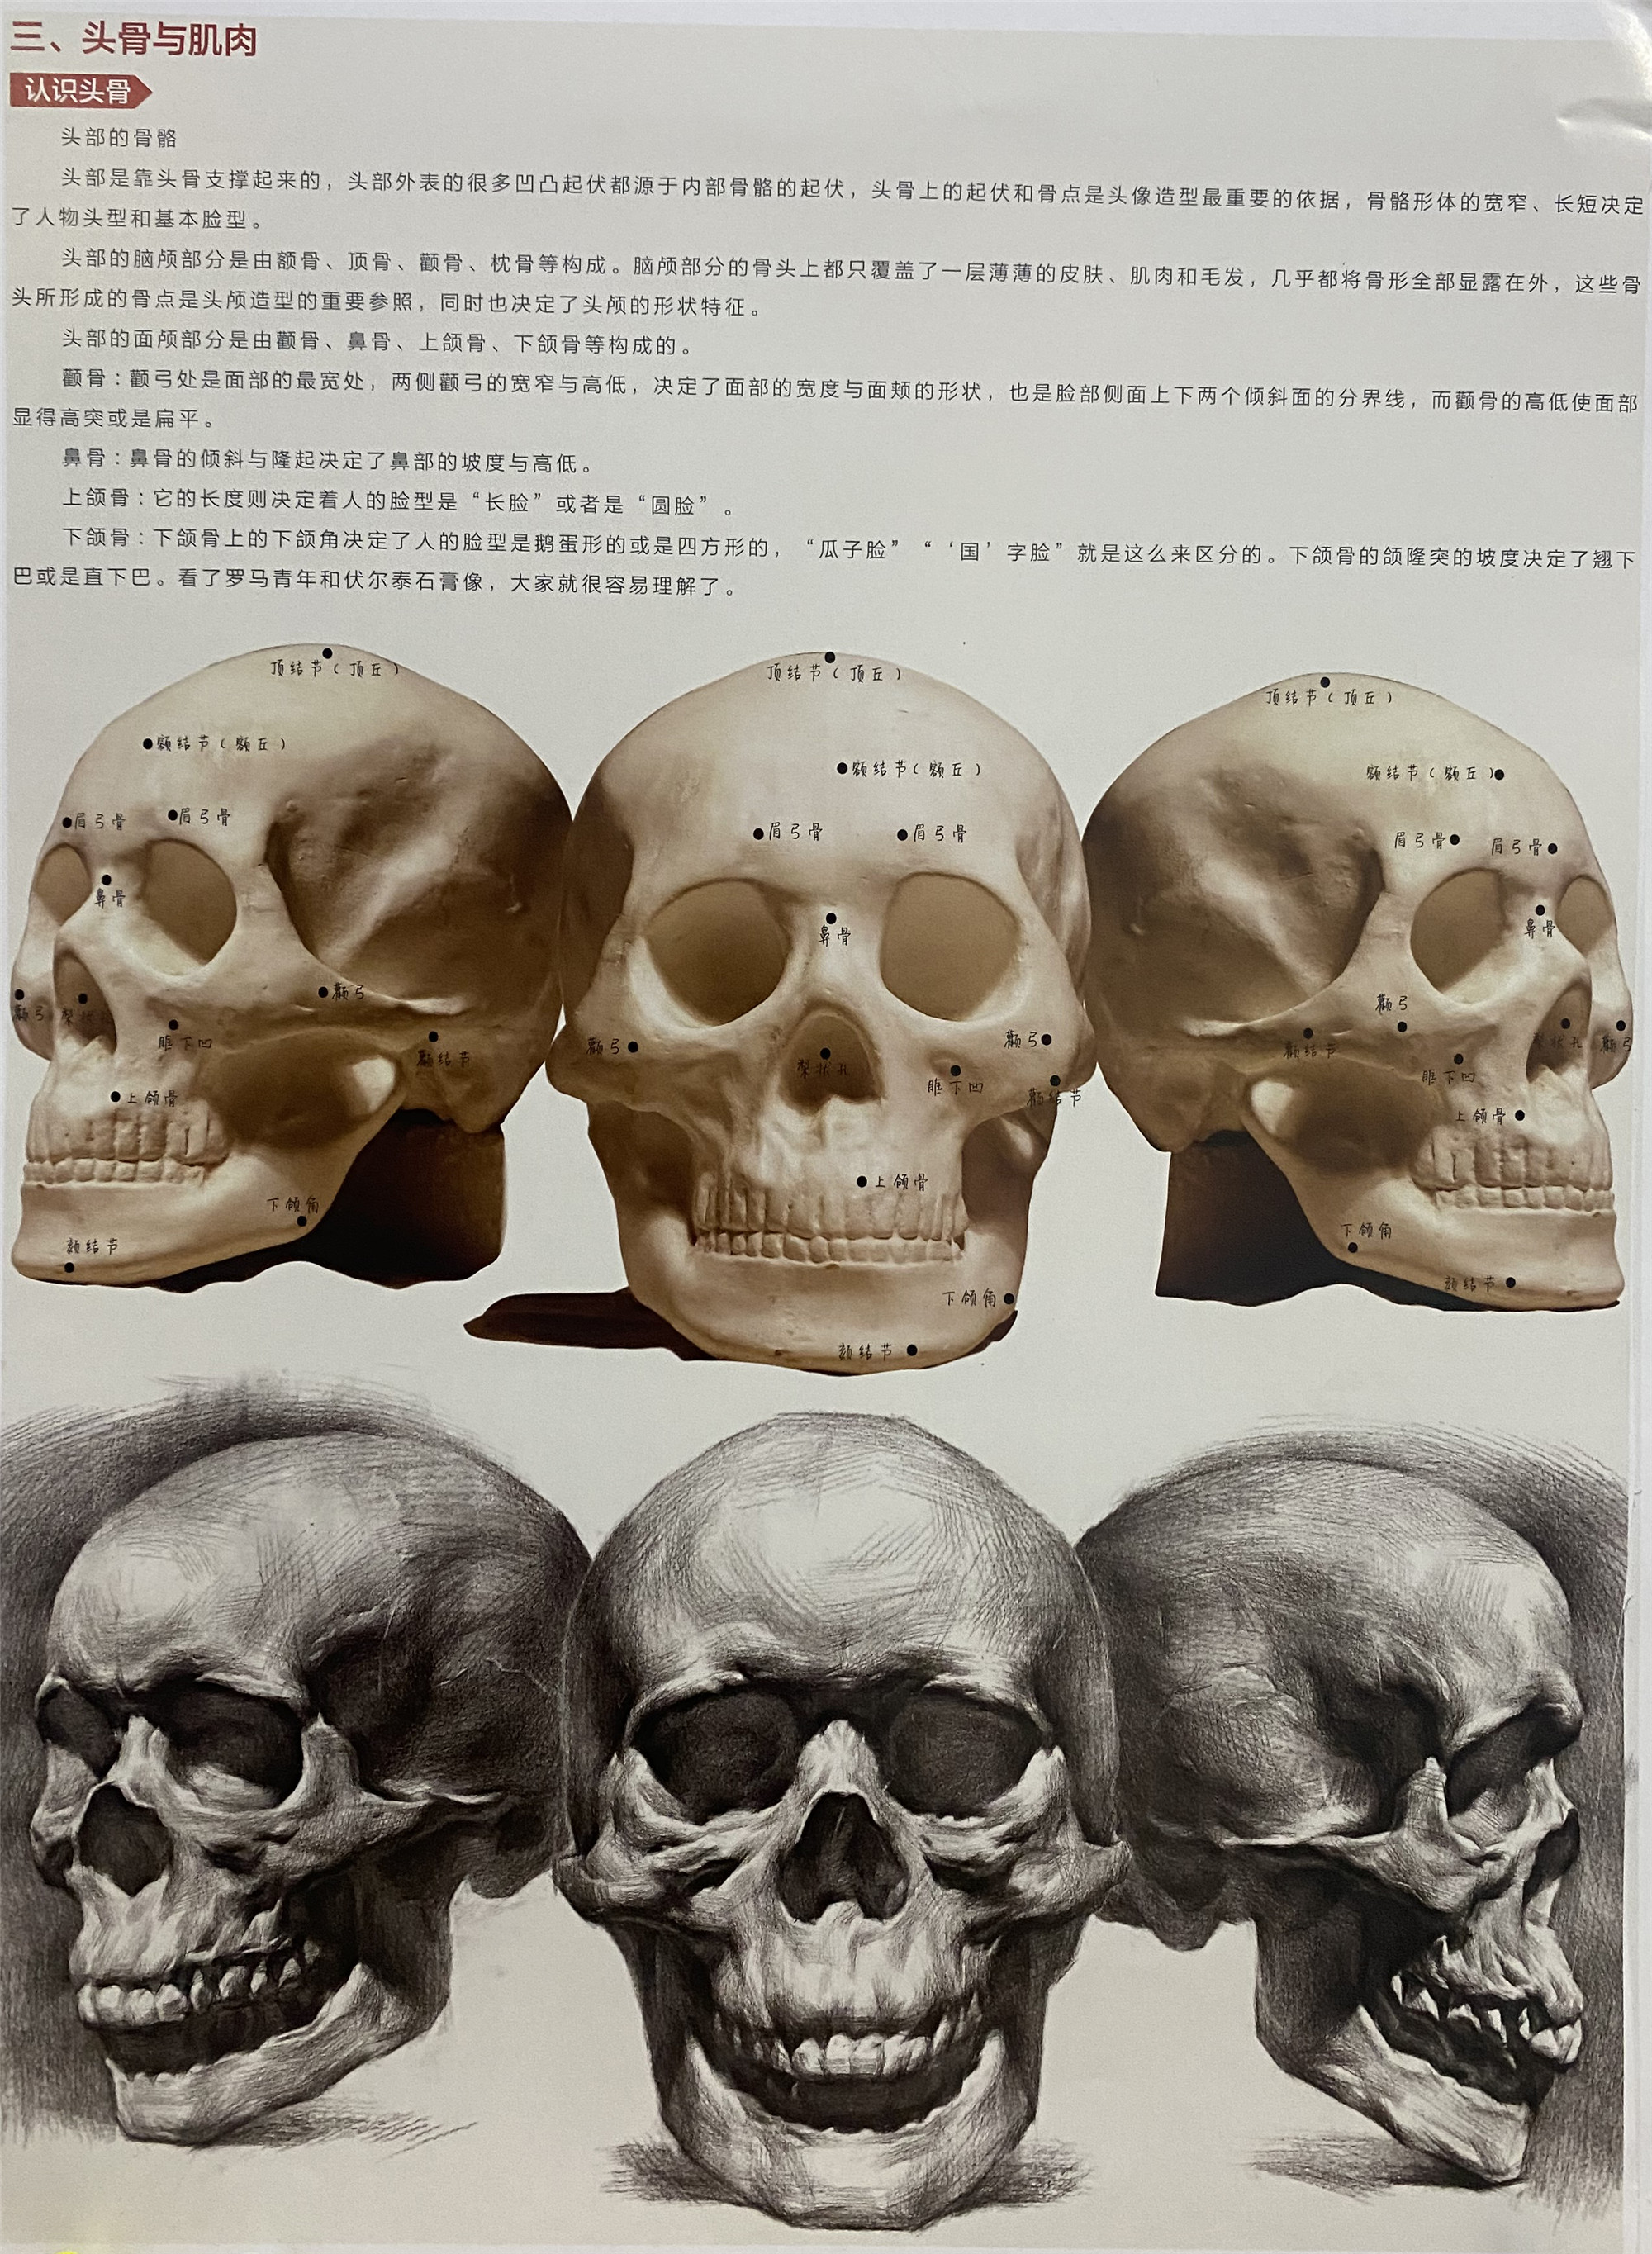 第一章:素描人像普及课  第一节:头骨的形体结构体面认识(选修作业)